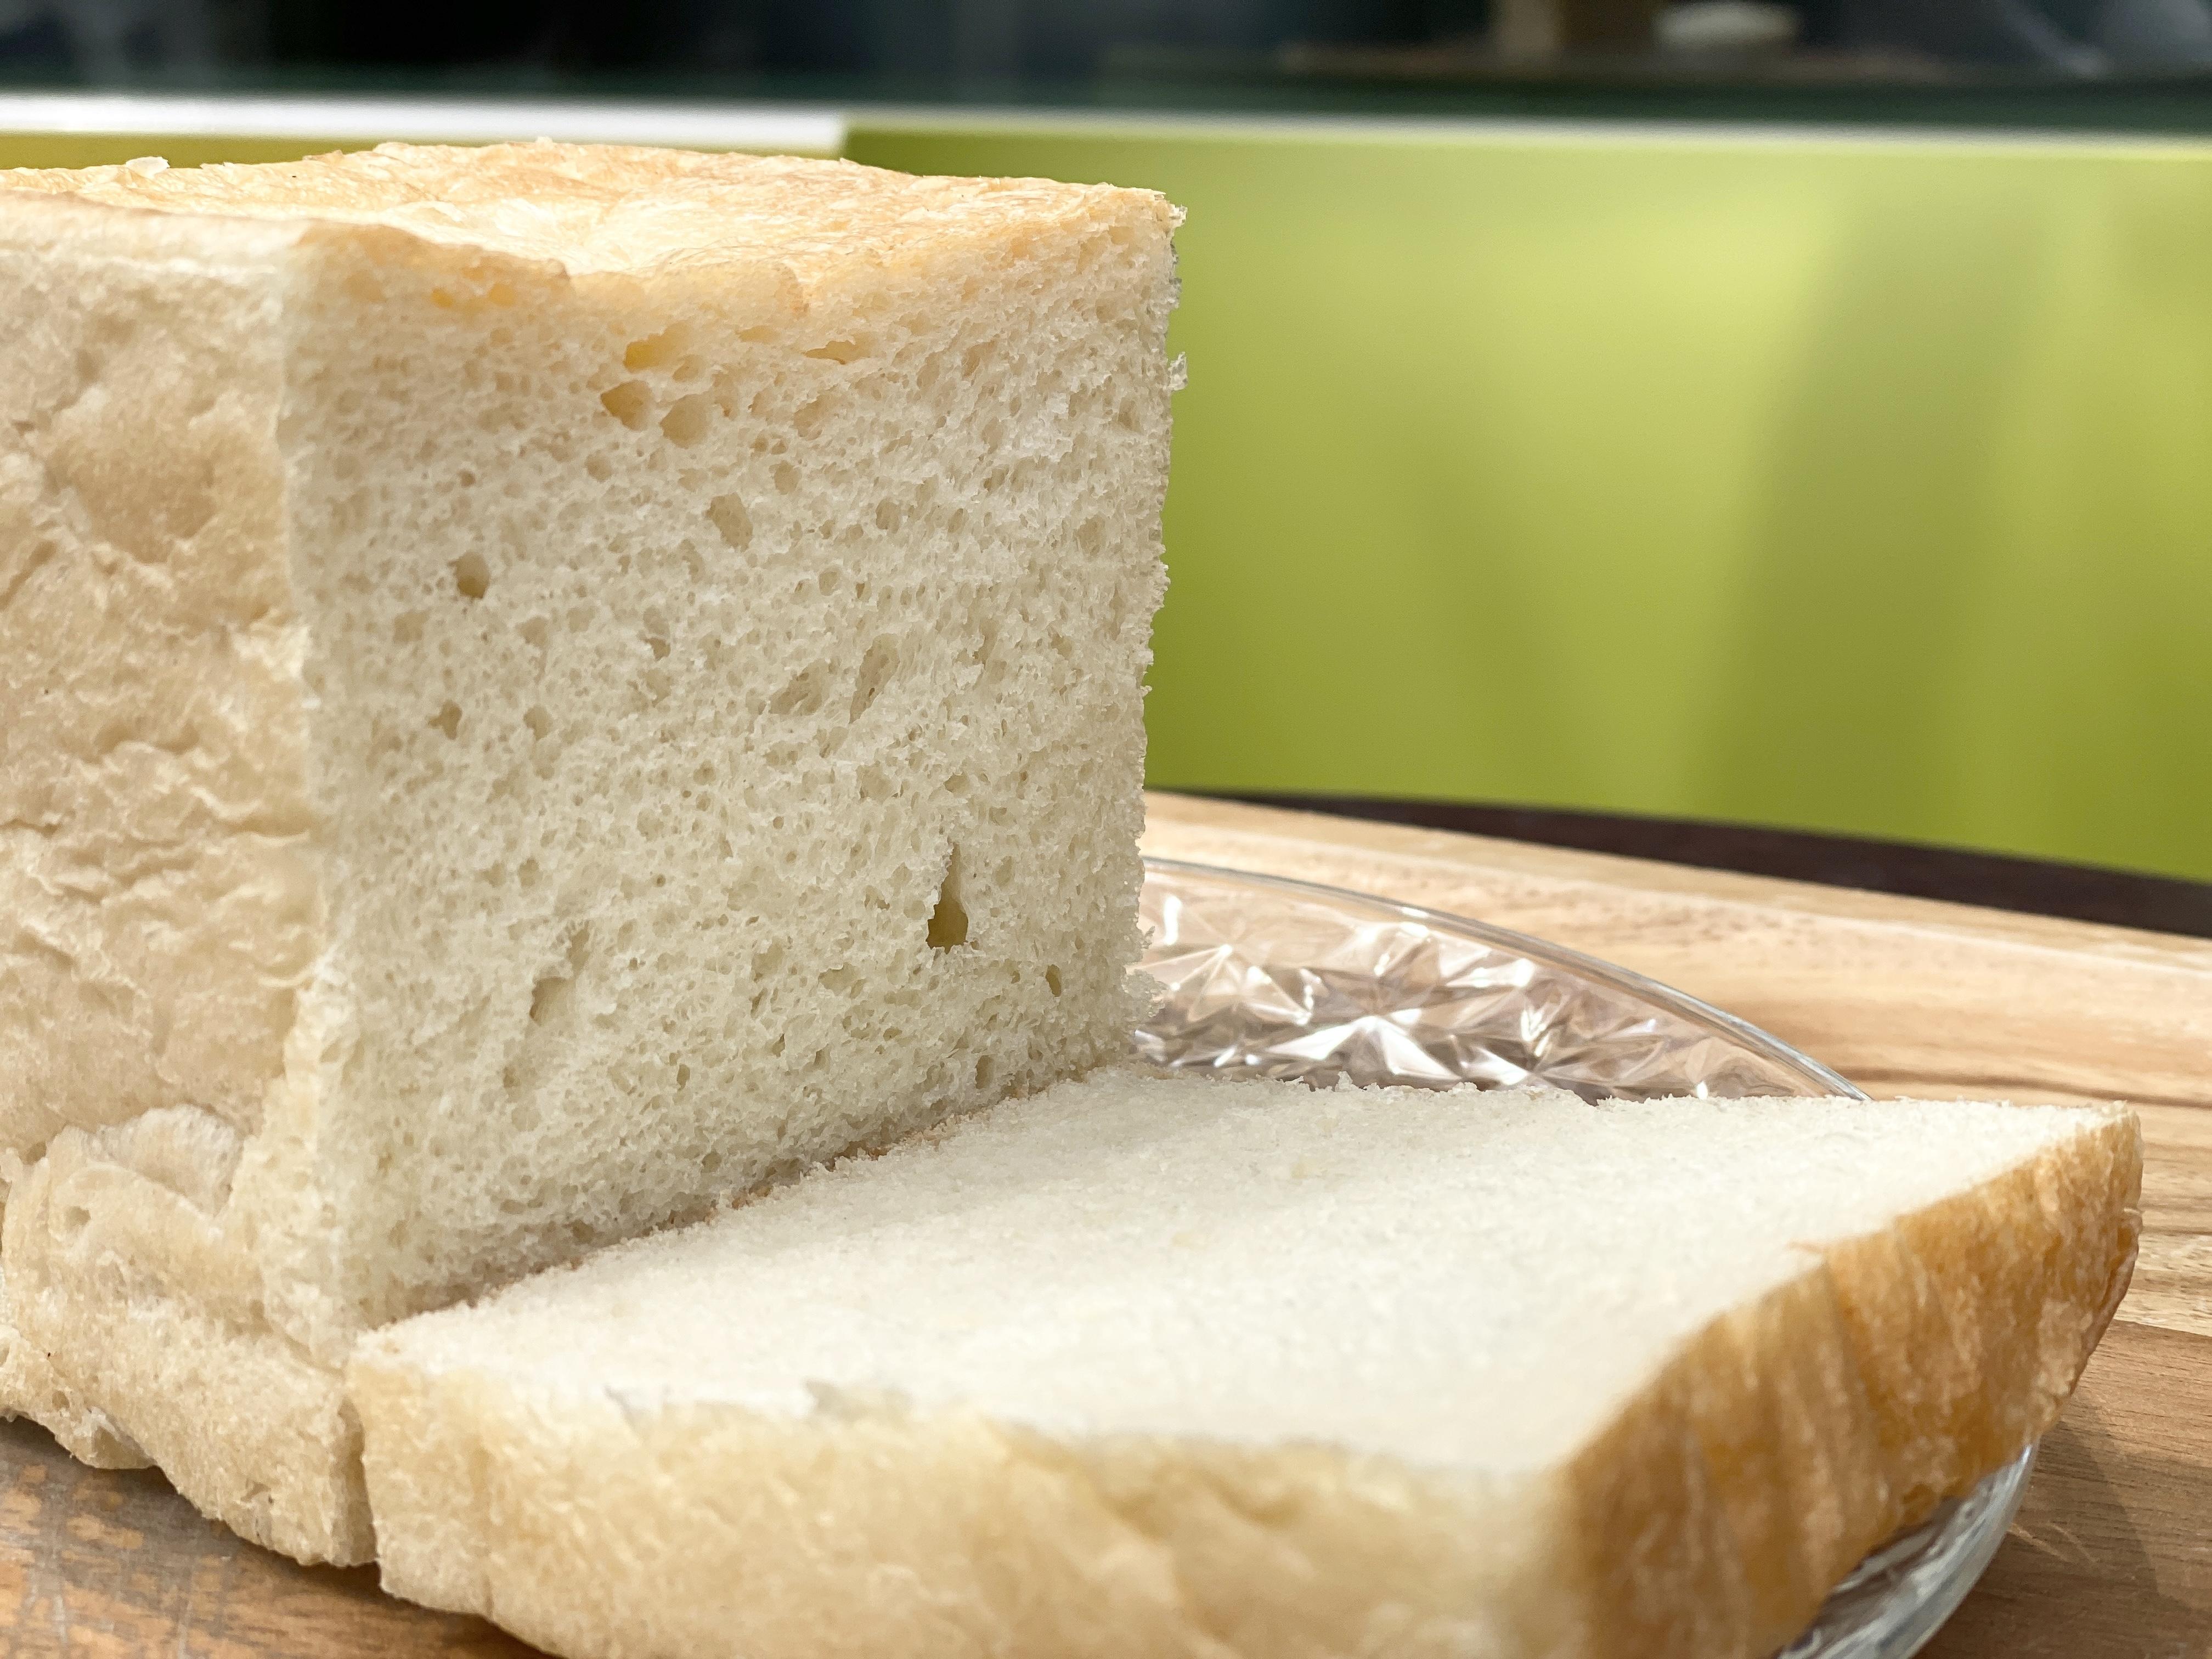 プレーン・エシレ食パン各1個